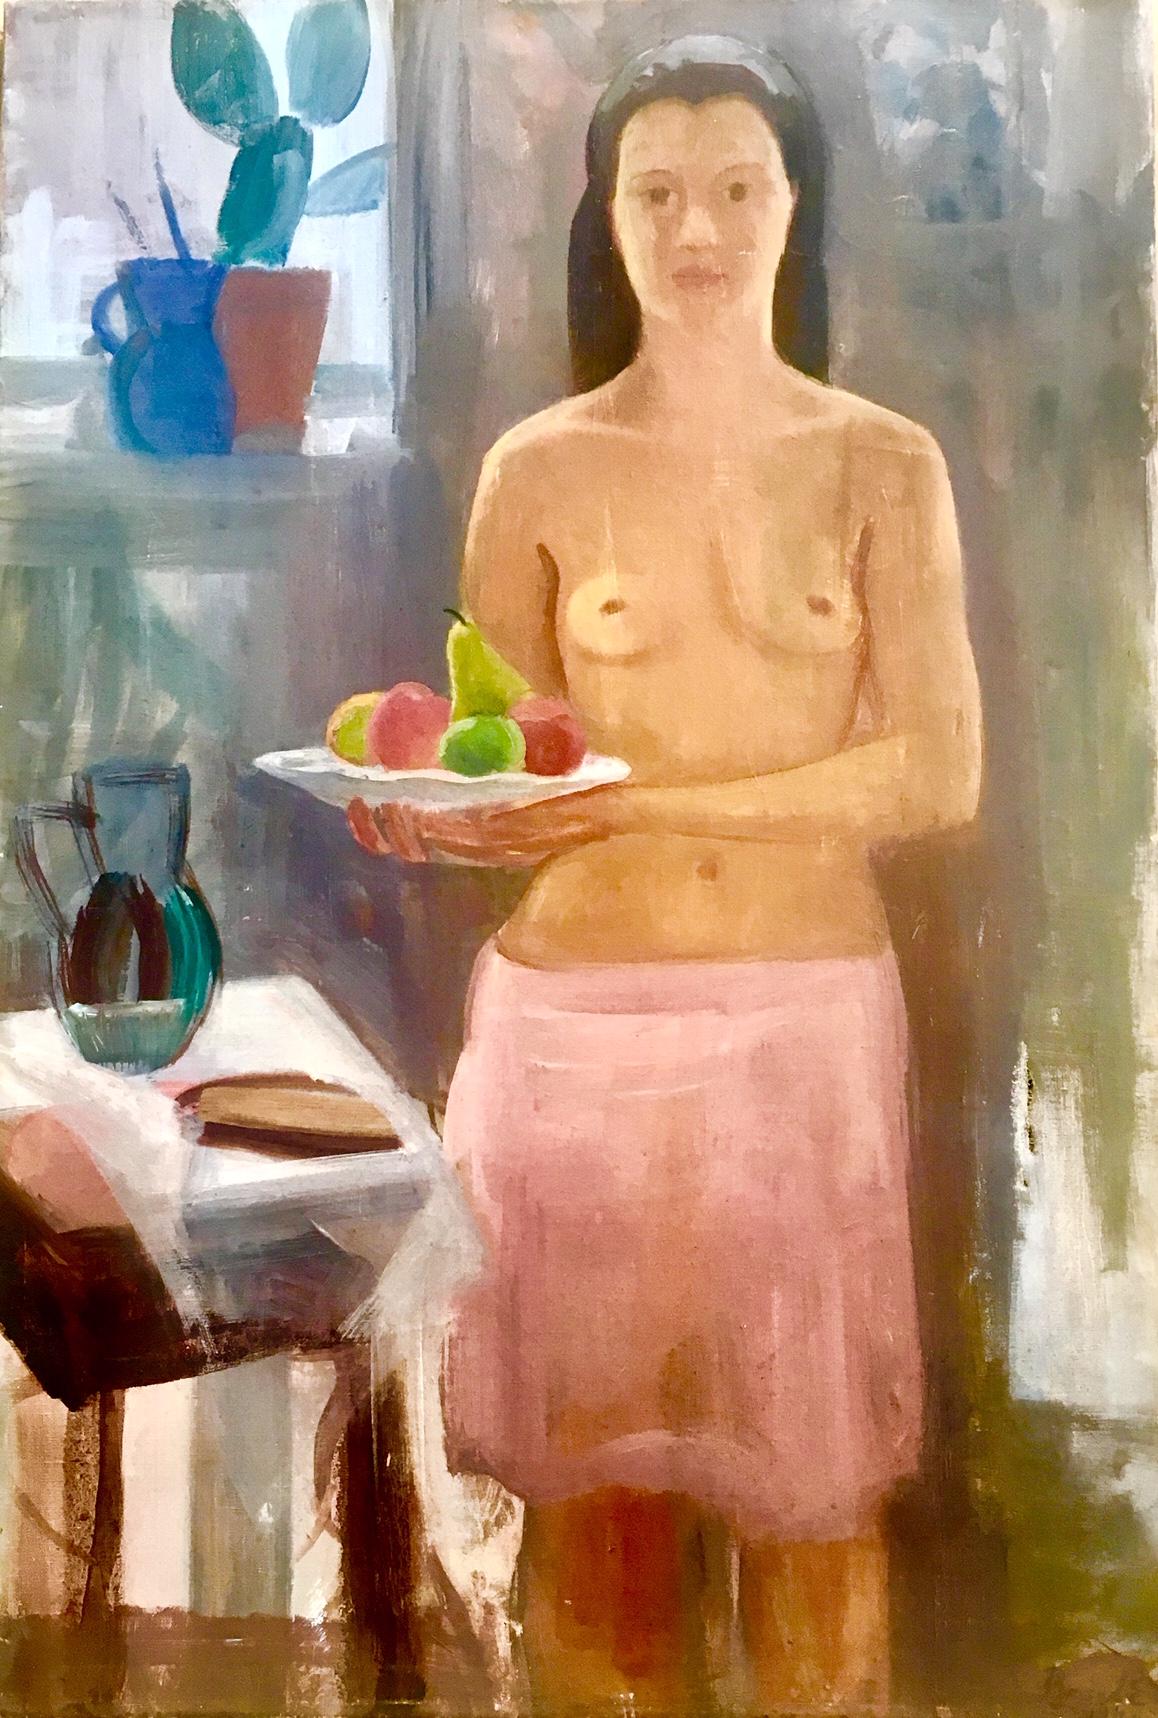 Basch Edit: Női akt gyümölcsökkel